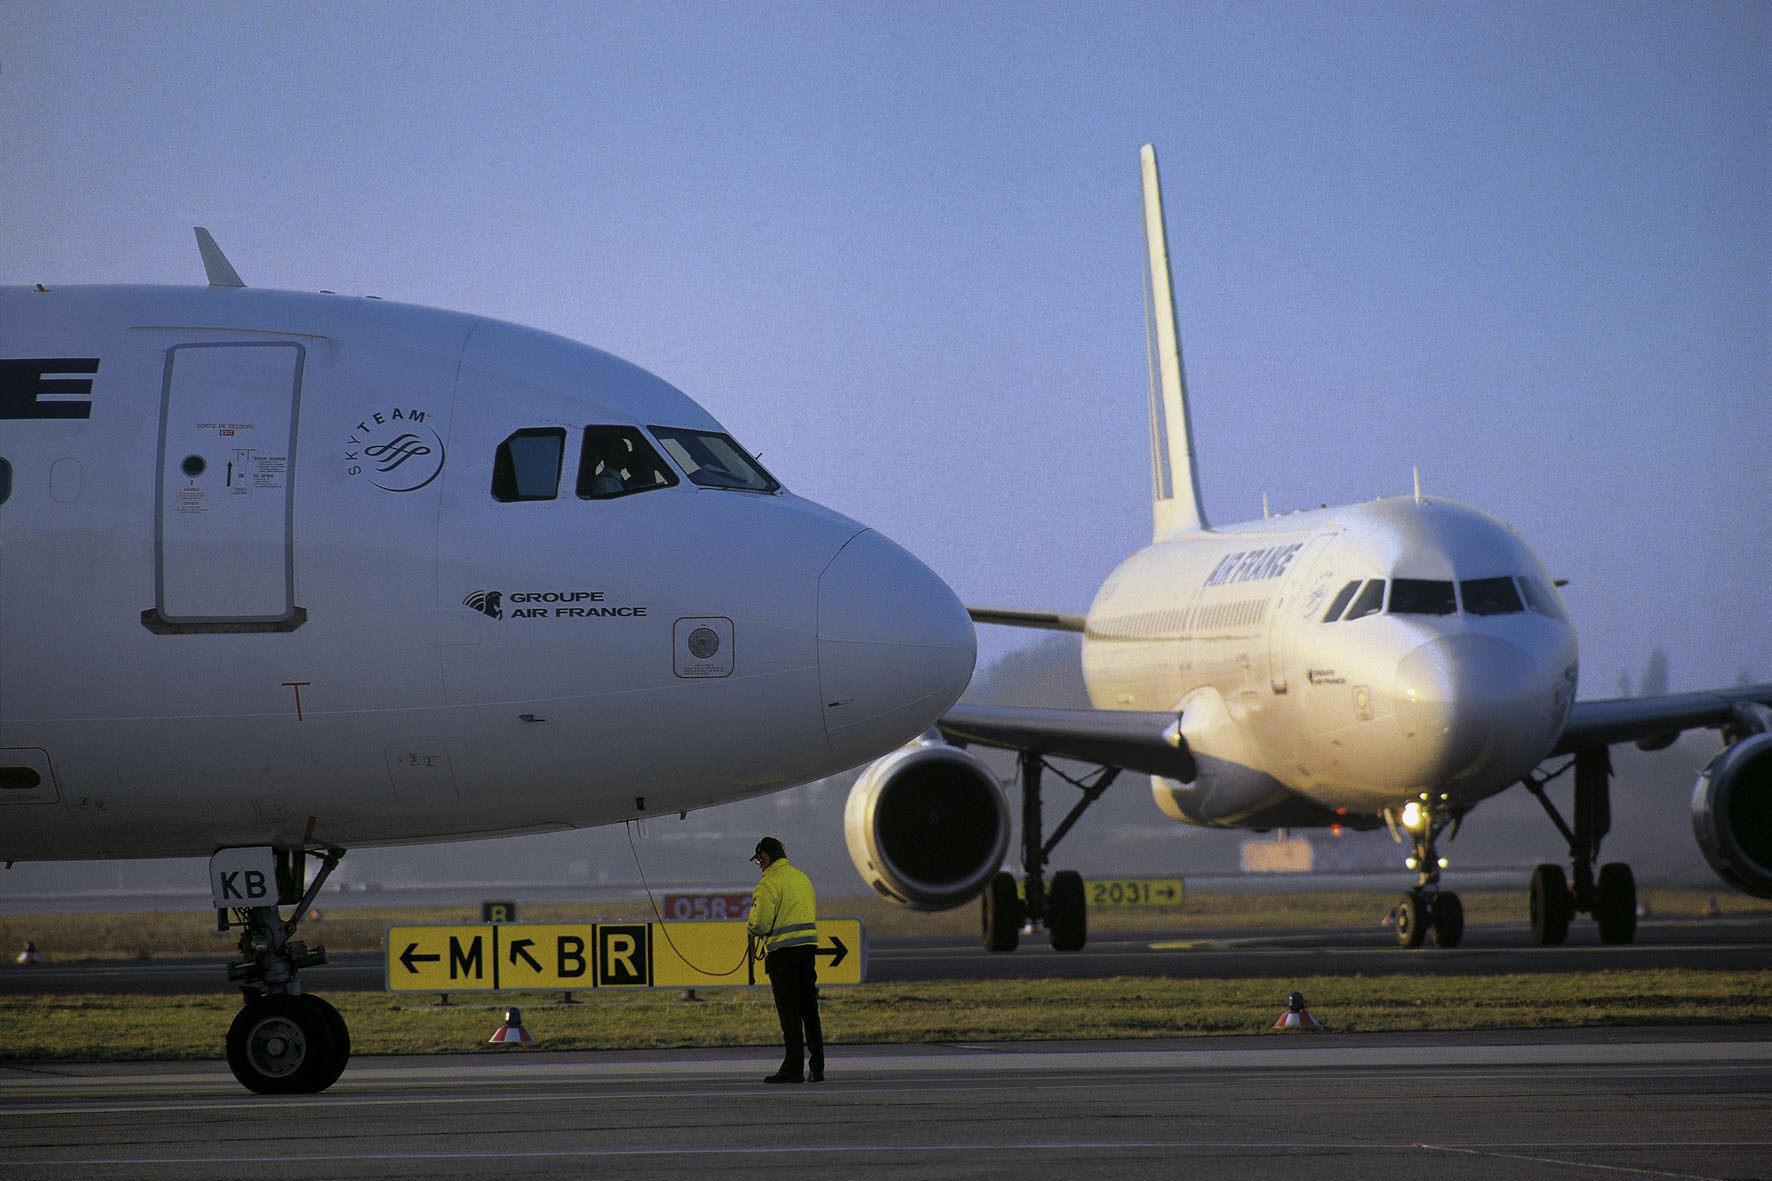 mid Groß-Gerau - Flüge in der Woche sind oft deutlich günstiger als an Wochenenden und Feiertagen. Wer also einen Tag früher oder später an- oder abreist, kann deutlich sparen.